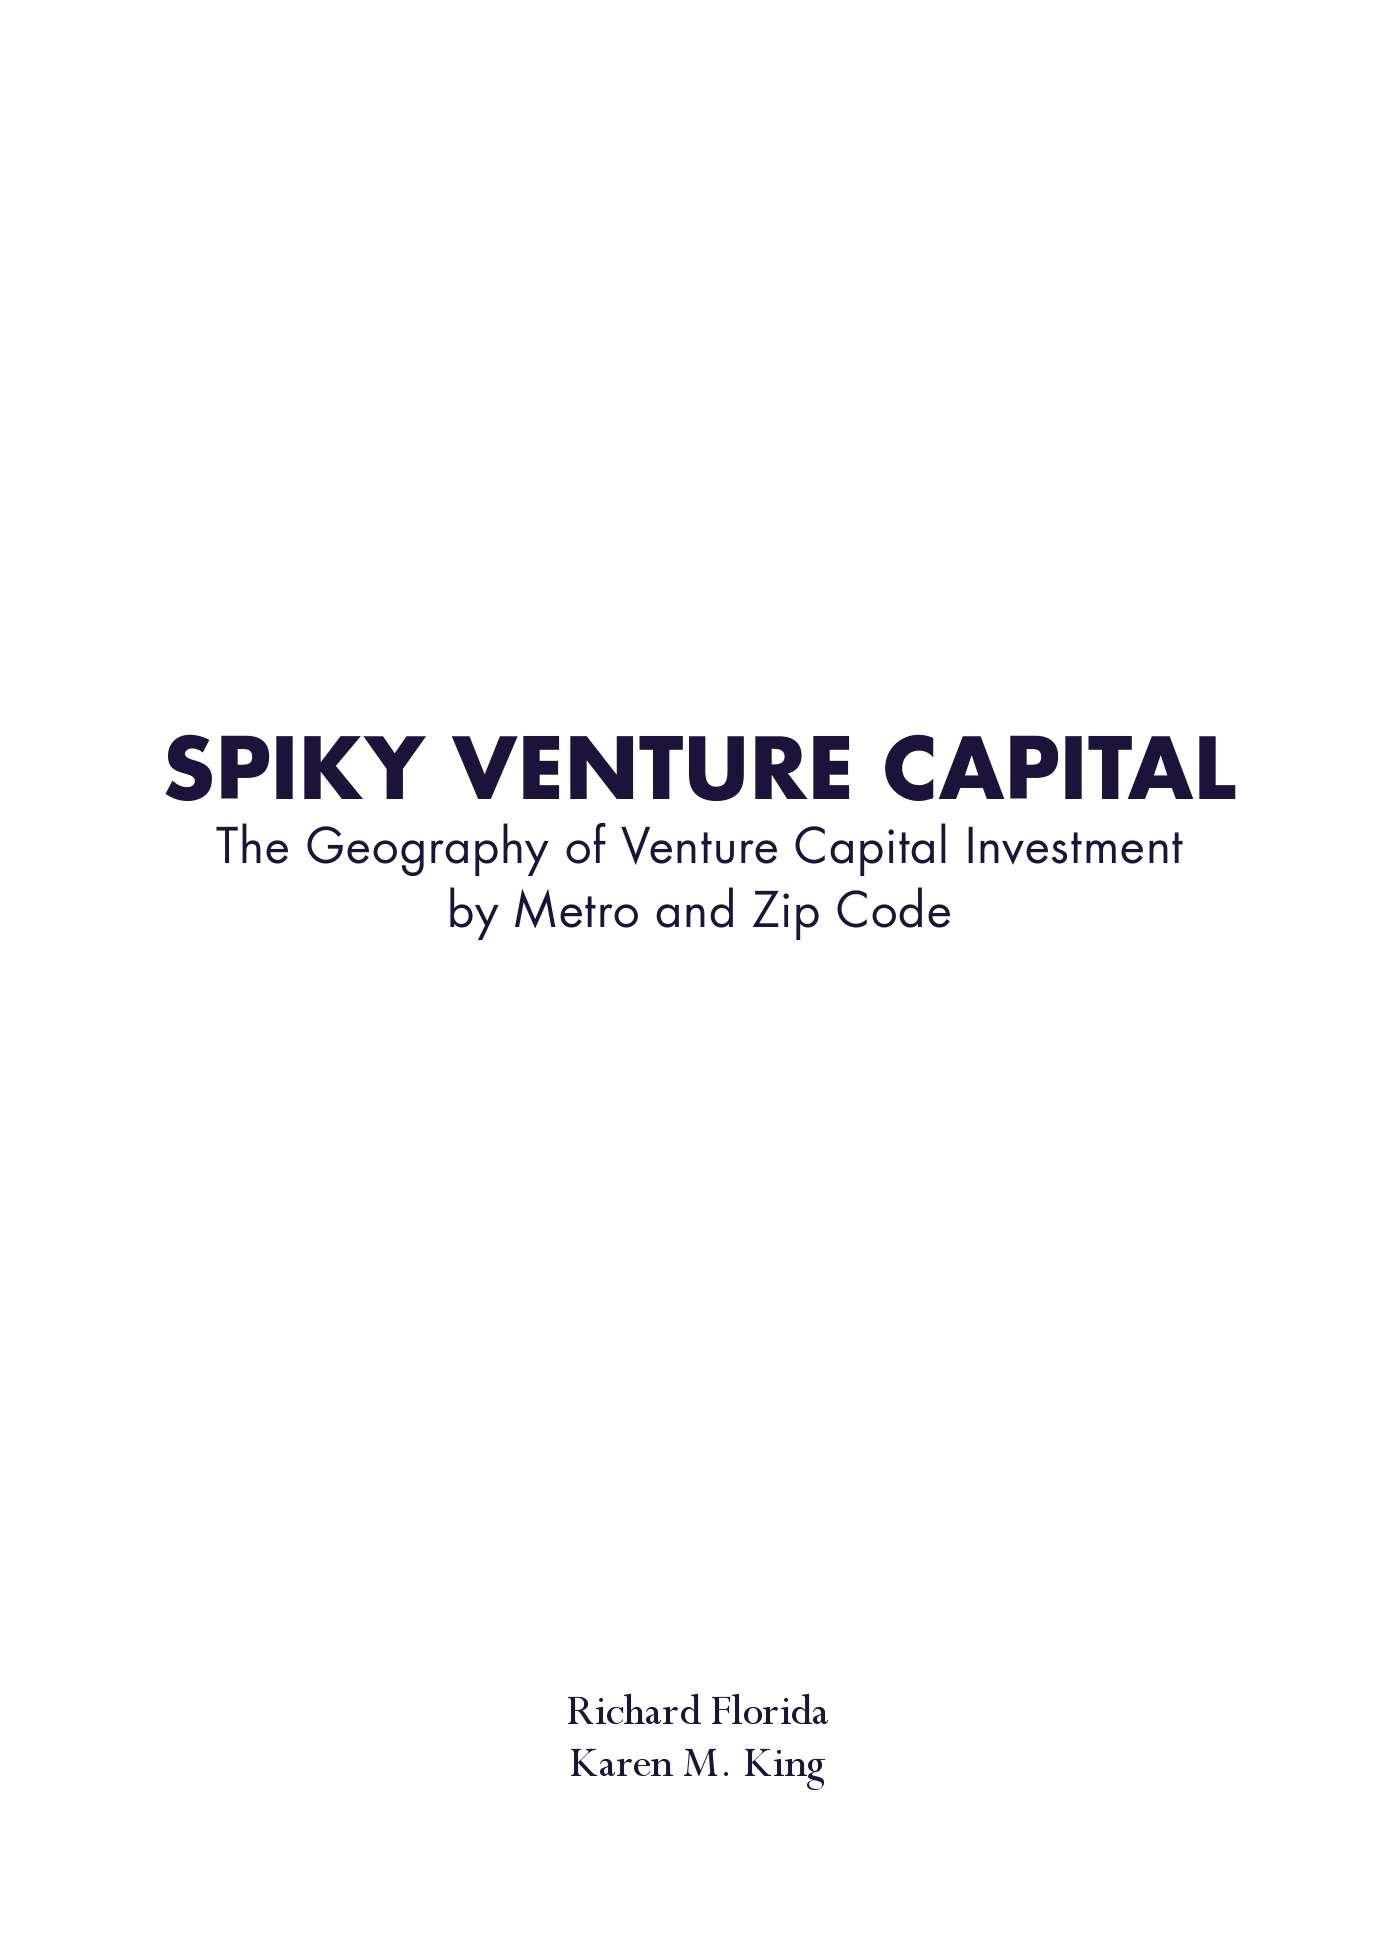 VentureCapitalRevised_000003